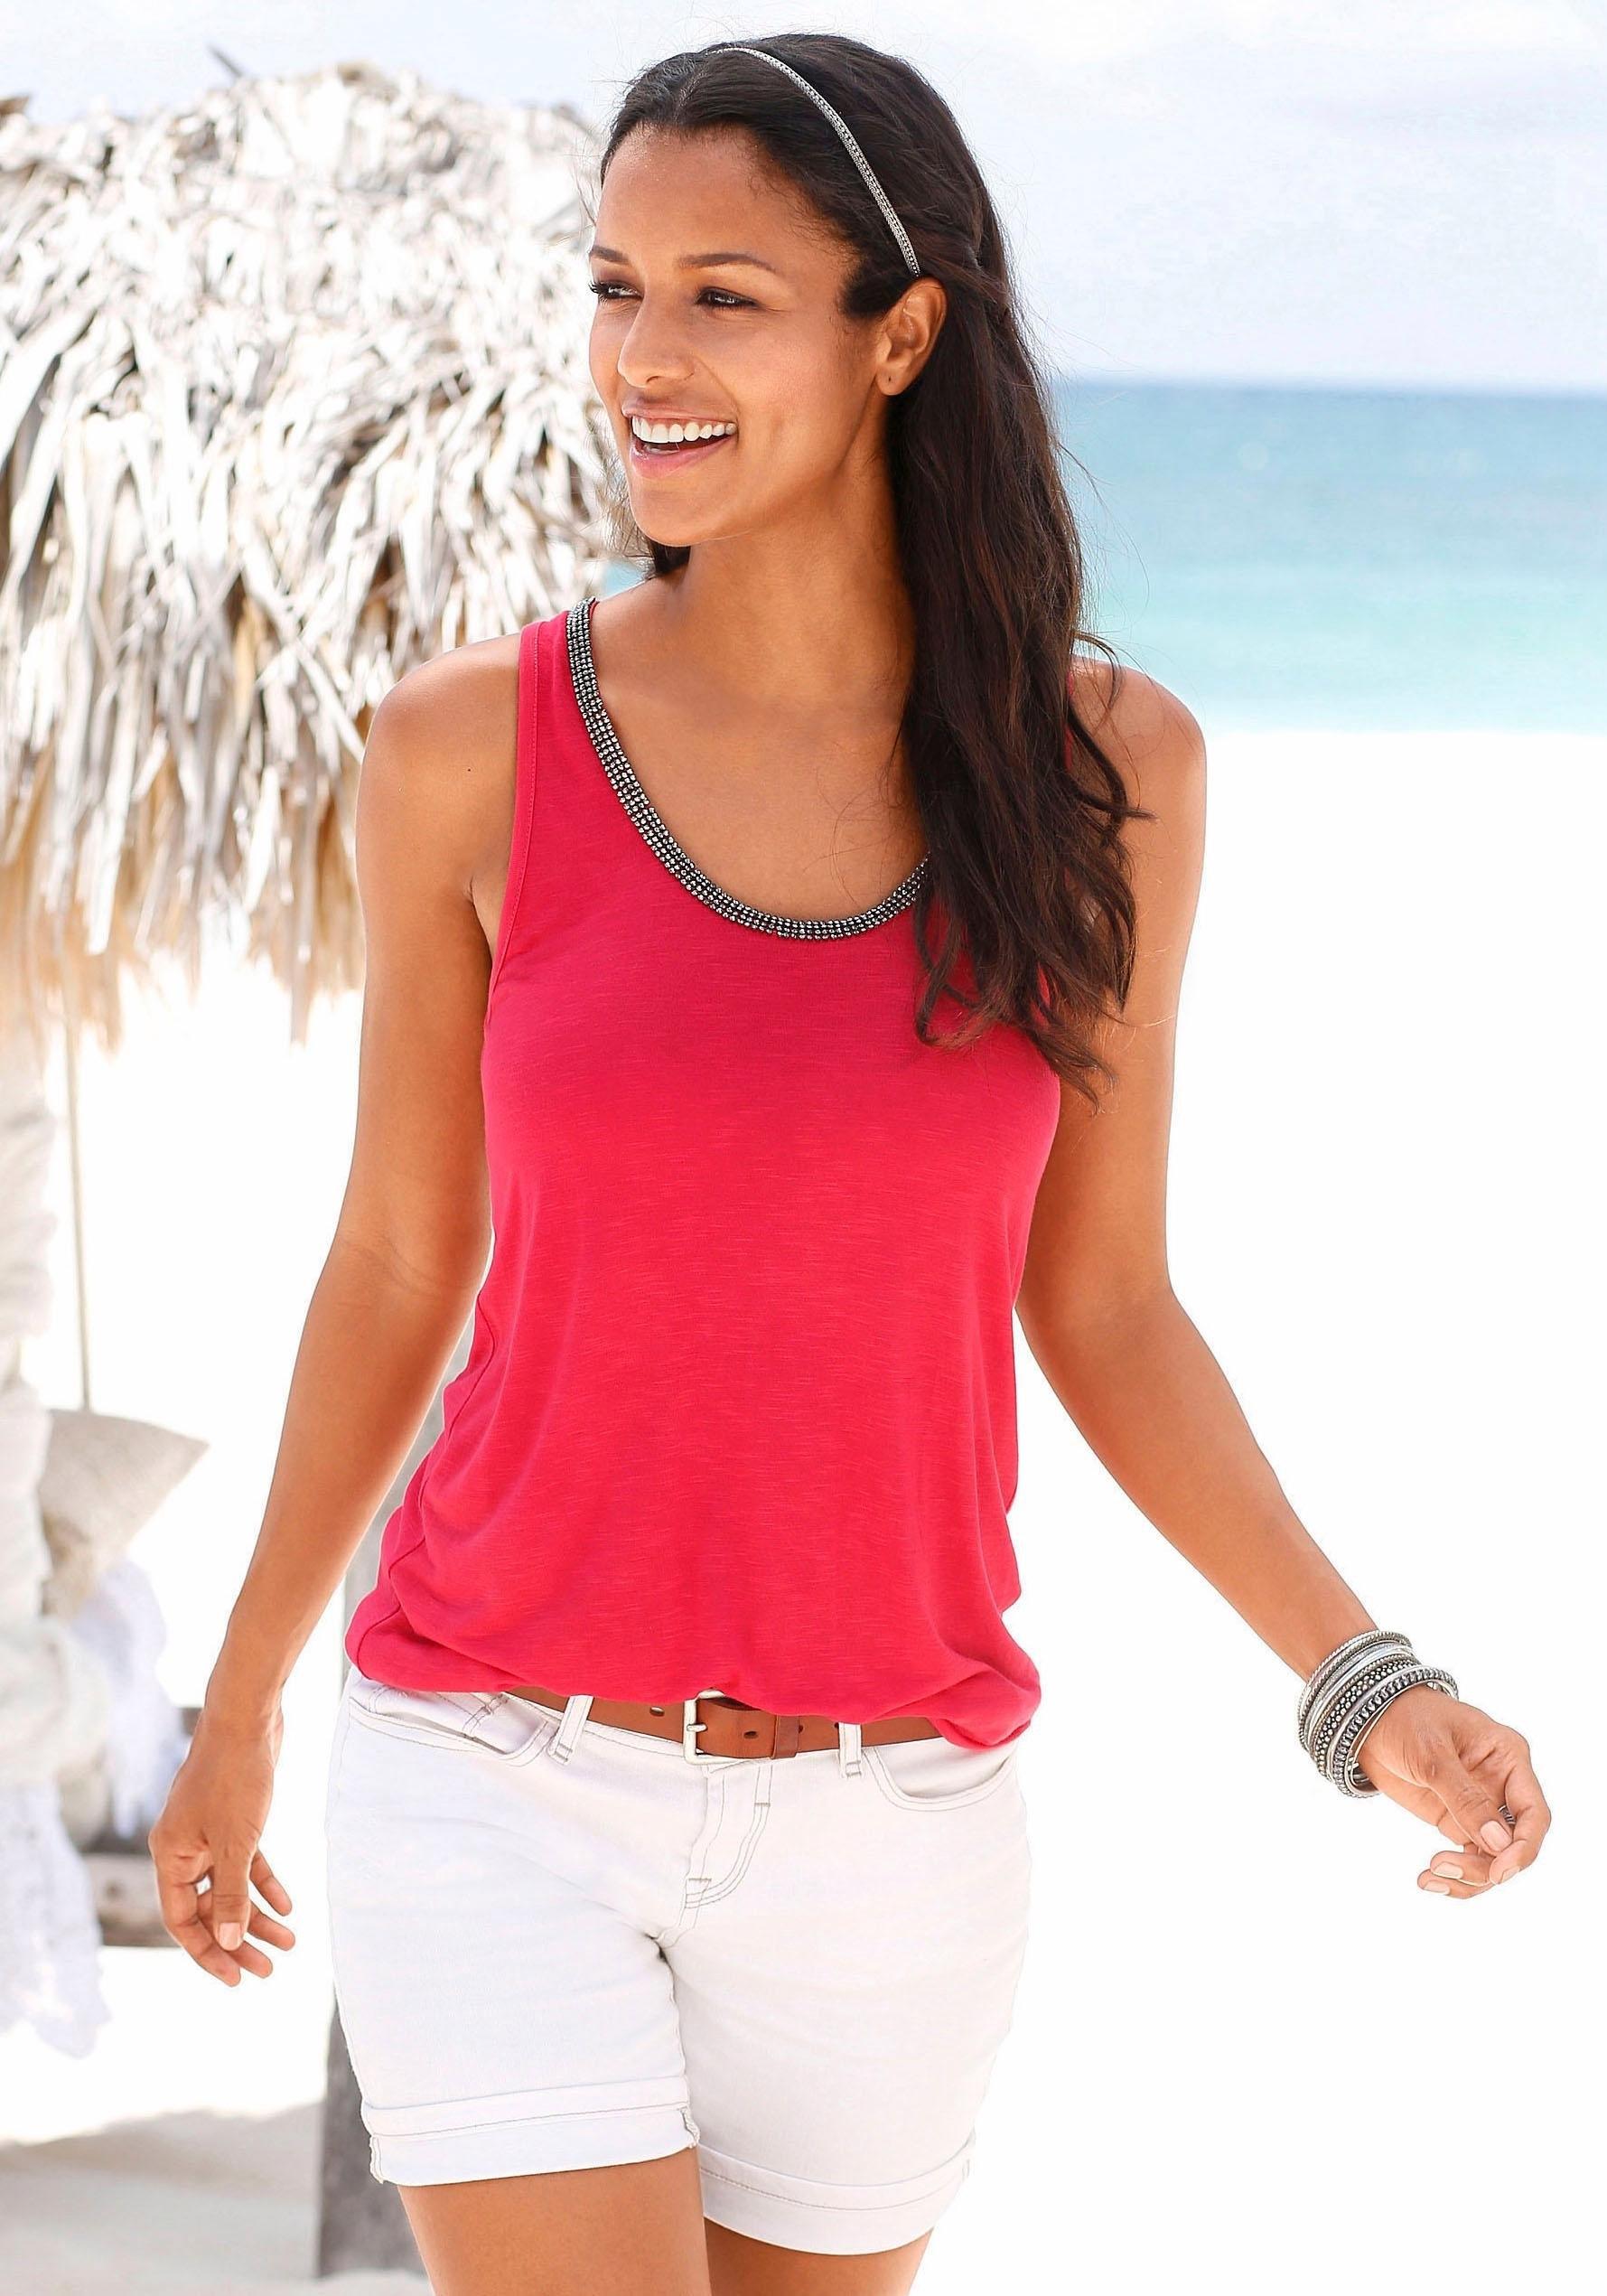 S.oliver Red Label Beachwear top met glitterdetail in de webshop van Lascana kopen